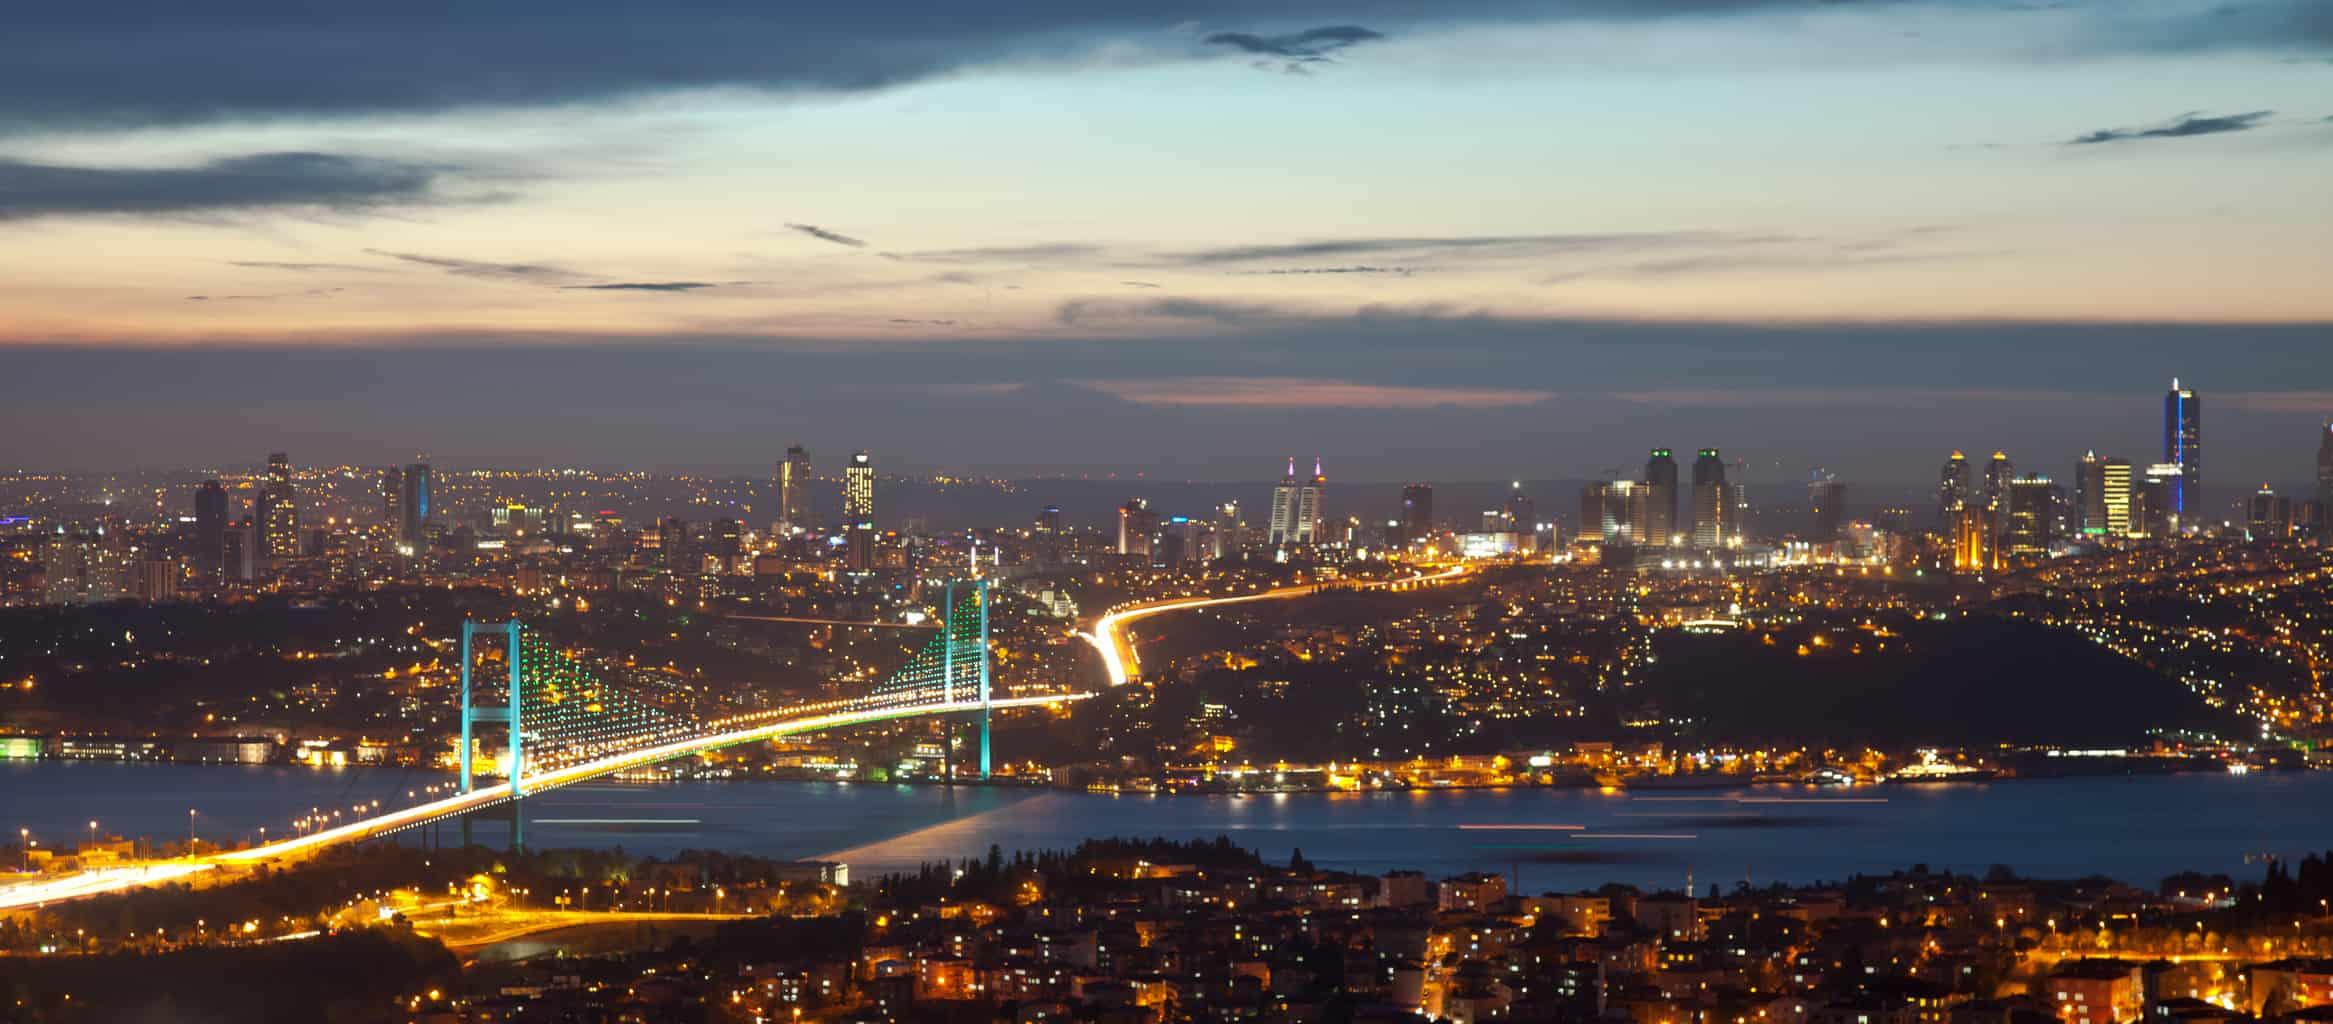 Istanbul, Türkei, Urlaub, Städtereise, FernwehElixir, Bosphorus Brücke